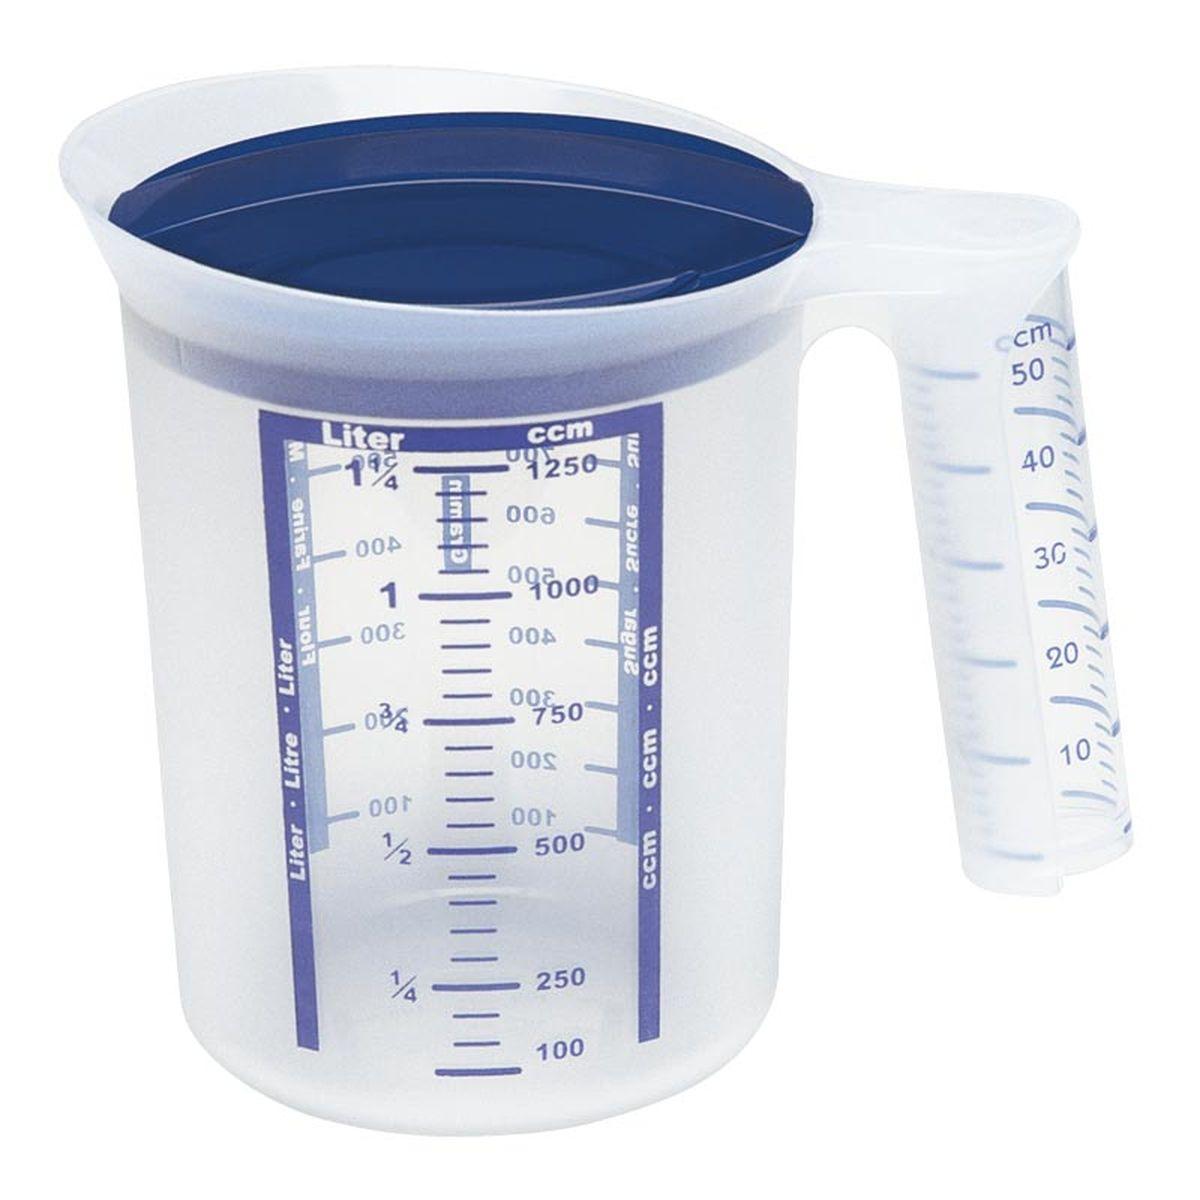 Стакан мерный Emsa Superline, 1,25 л2153120400Мерный стакан Emsa Superline оснащен кольцом для защиты от брызг и крышкой. Имеет практичные деления для замера малых объемов. Подходит для микроволновой печи. Можно мыть в посудомоечной машине.